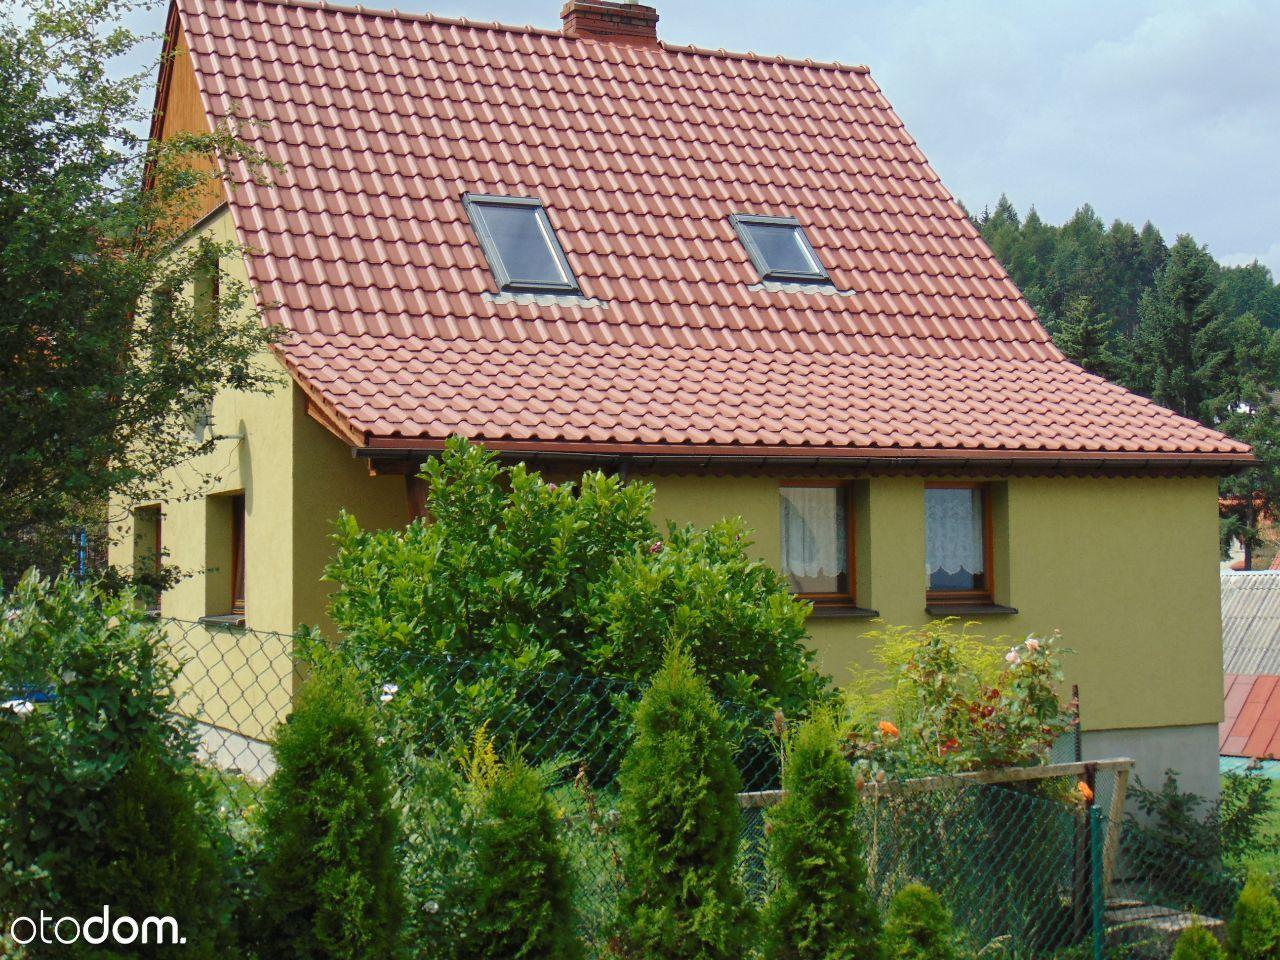 Dom na sprzedaż, Złoty Stok, ząbkowicki, dolnośląskie - Foto 1